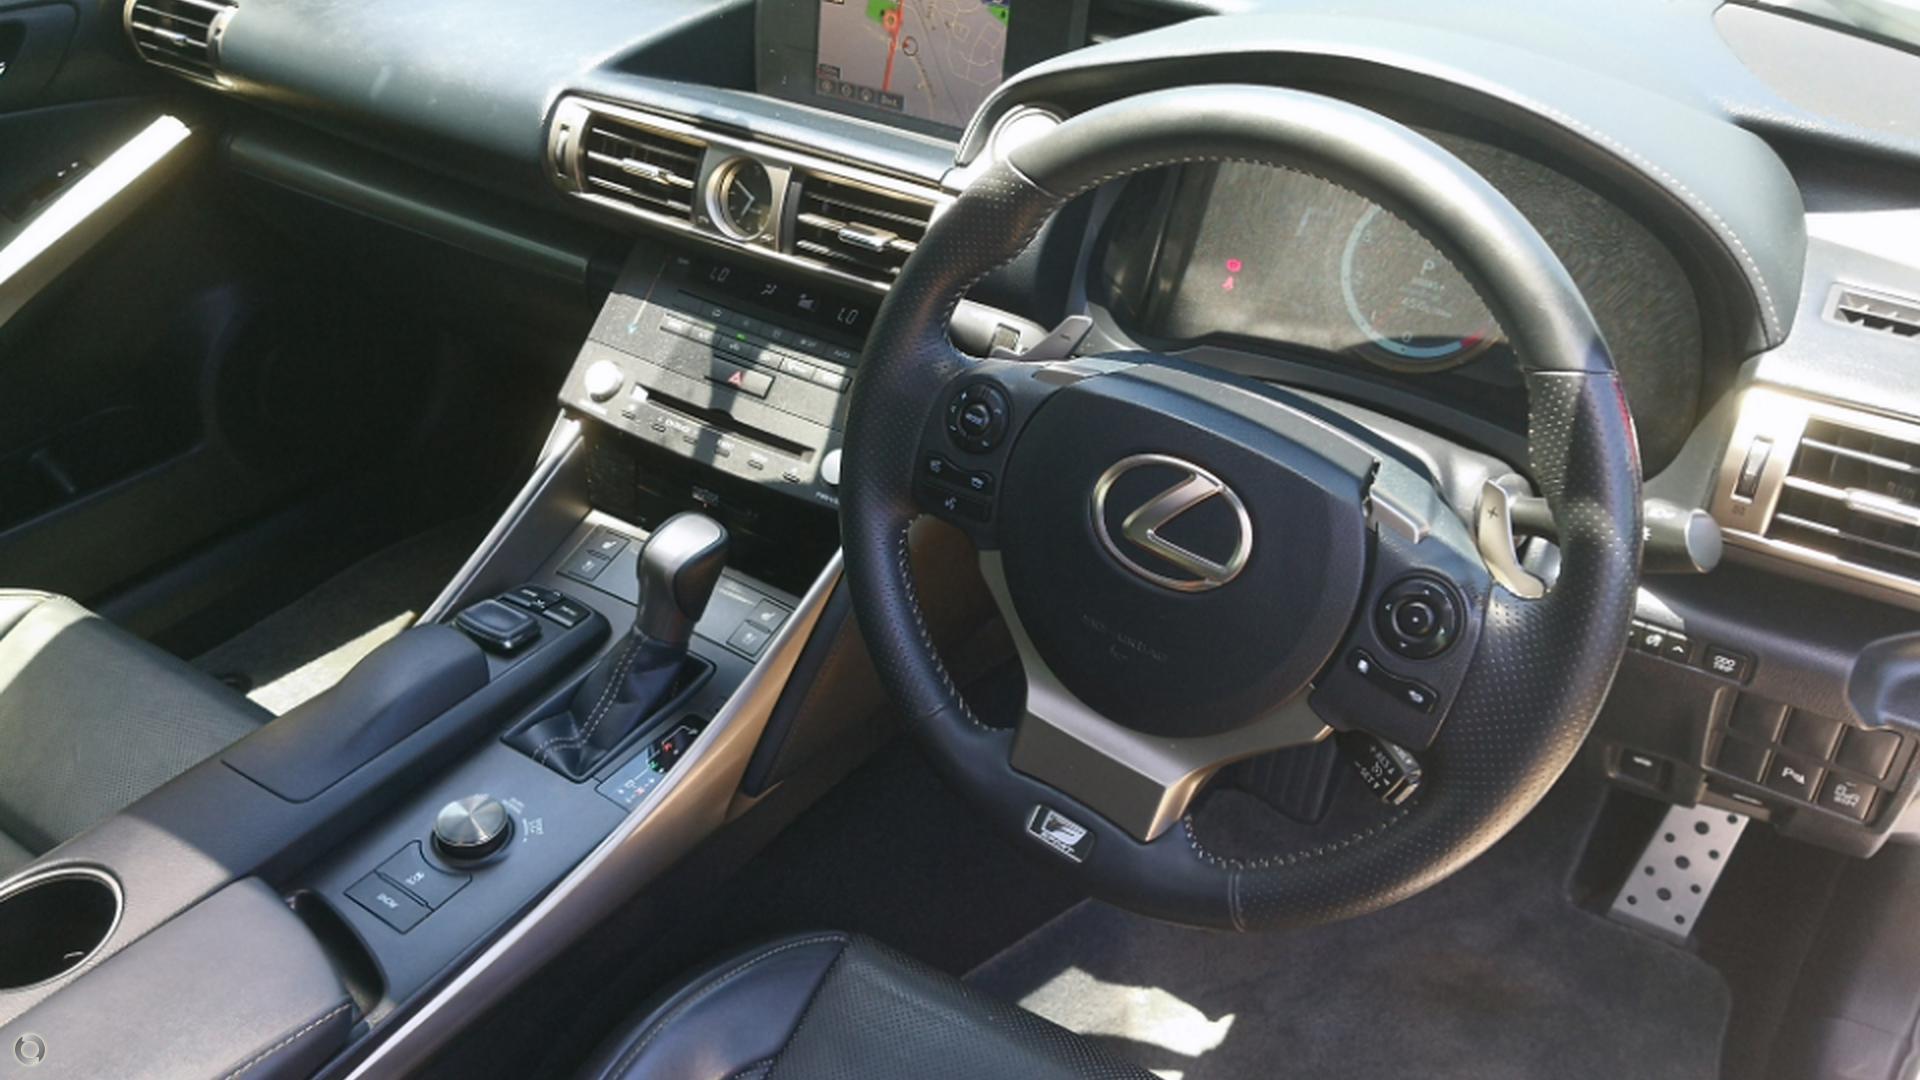 2014 Lexus Is350 F Sport GSE31R